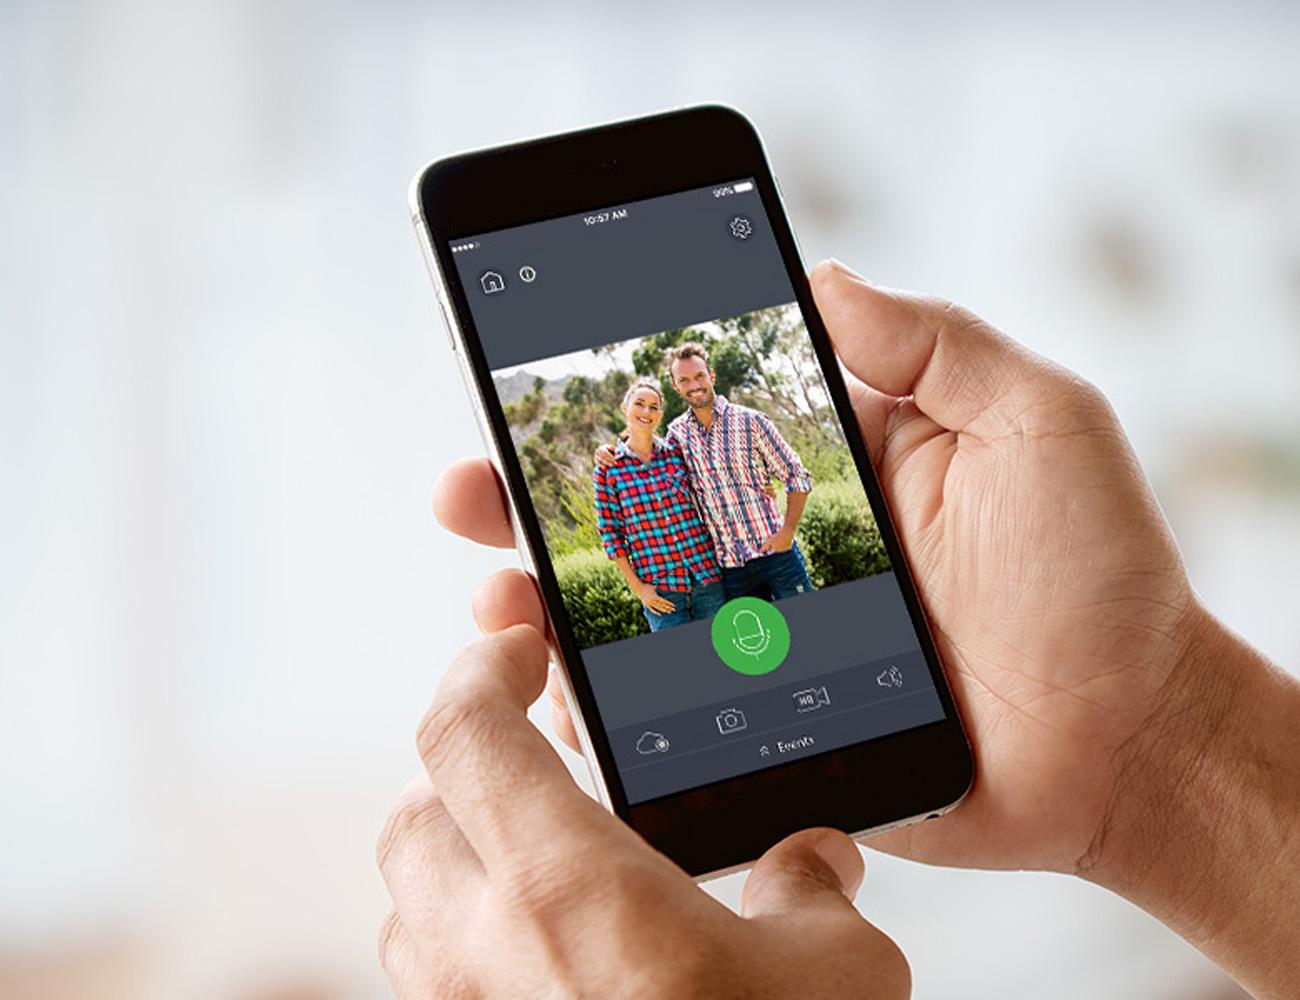 Wisenet SmartCam D1 Facial Recognition Video Doorbell